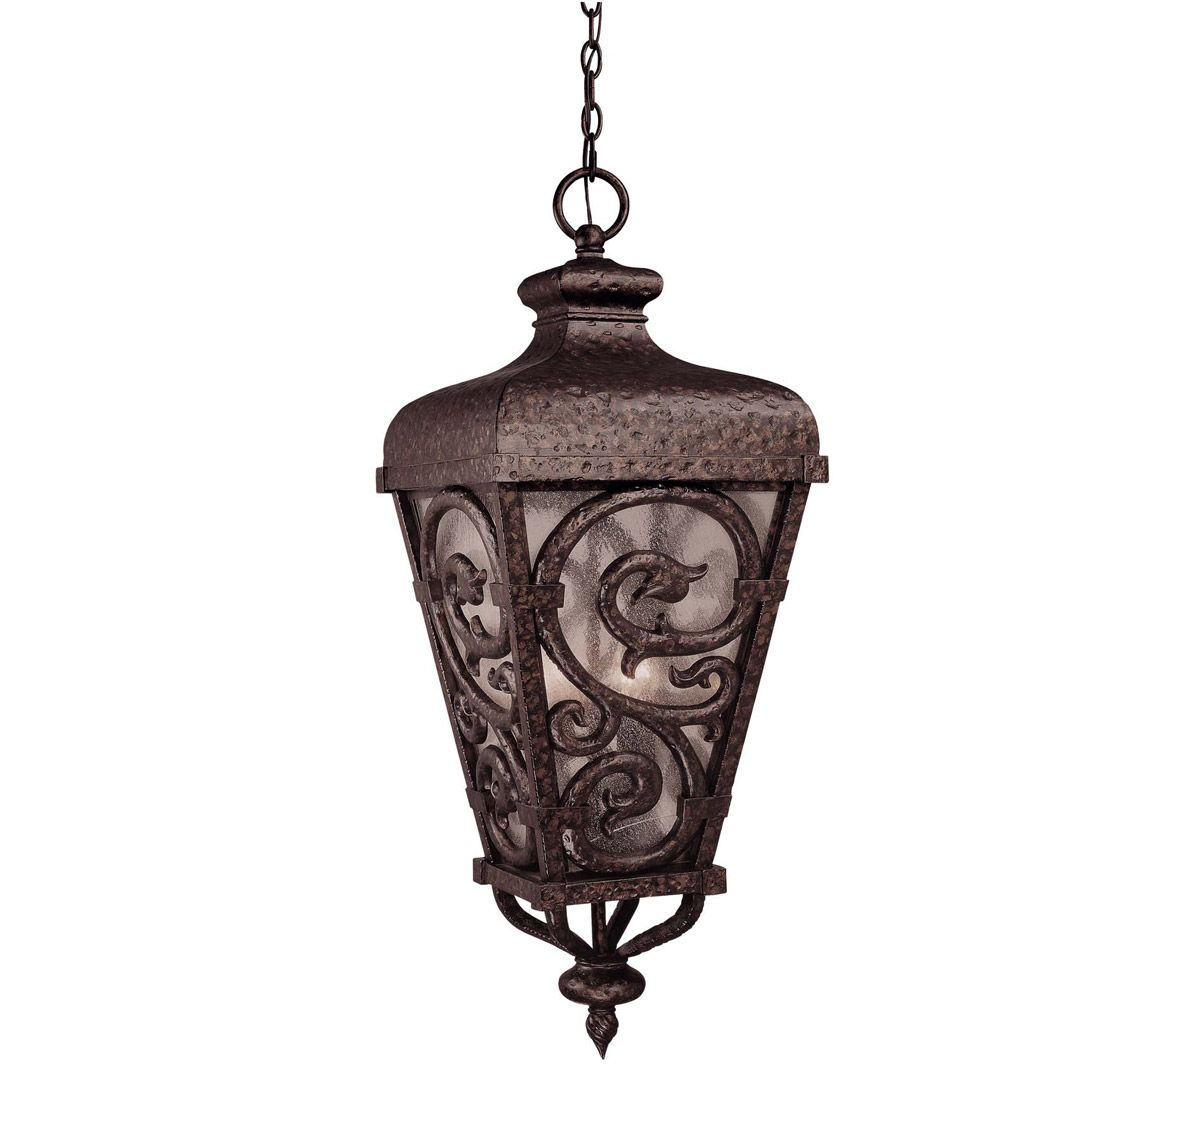 Spaniard Hanging Lantern